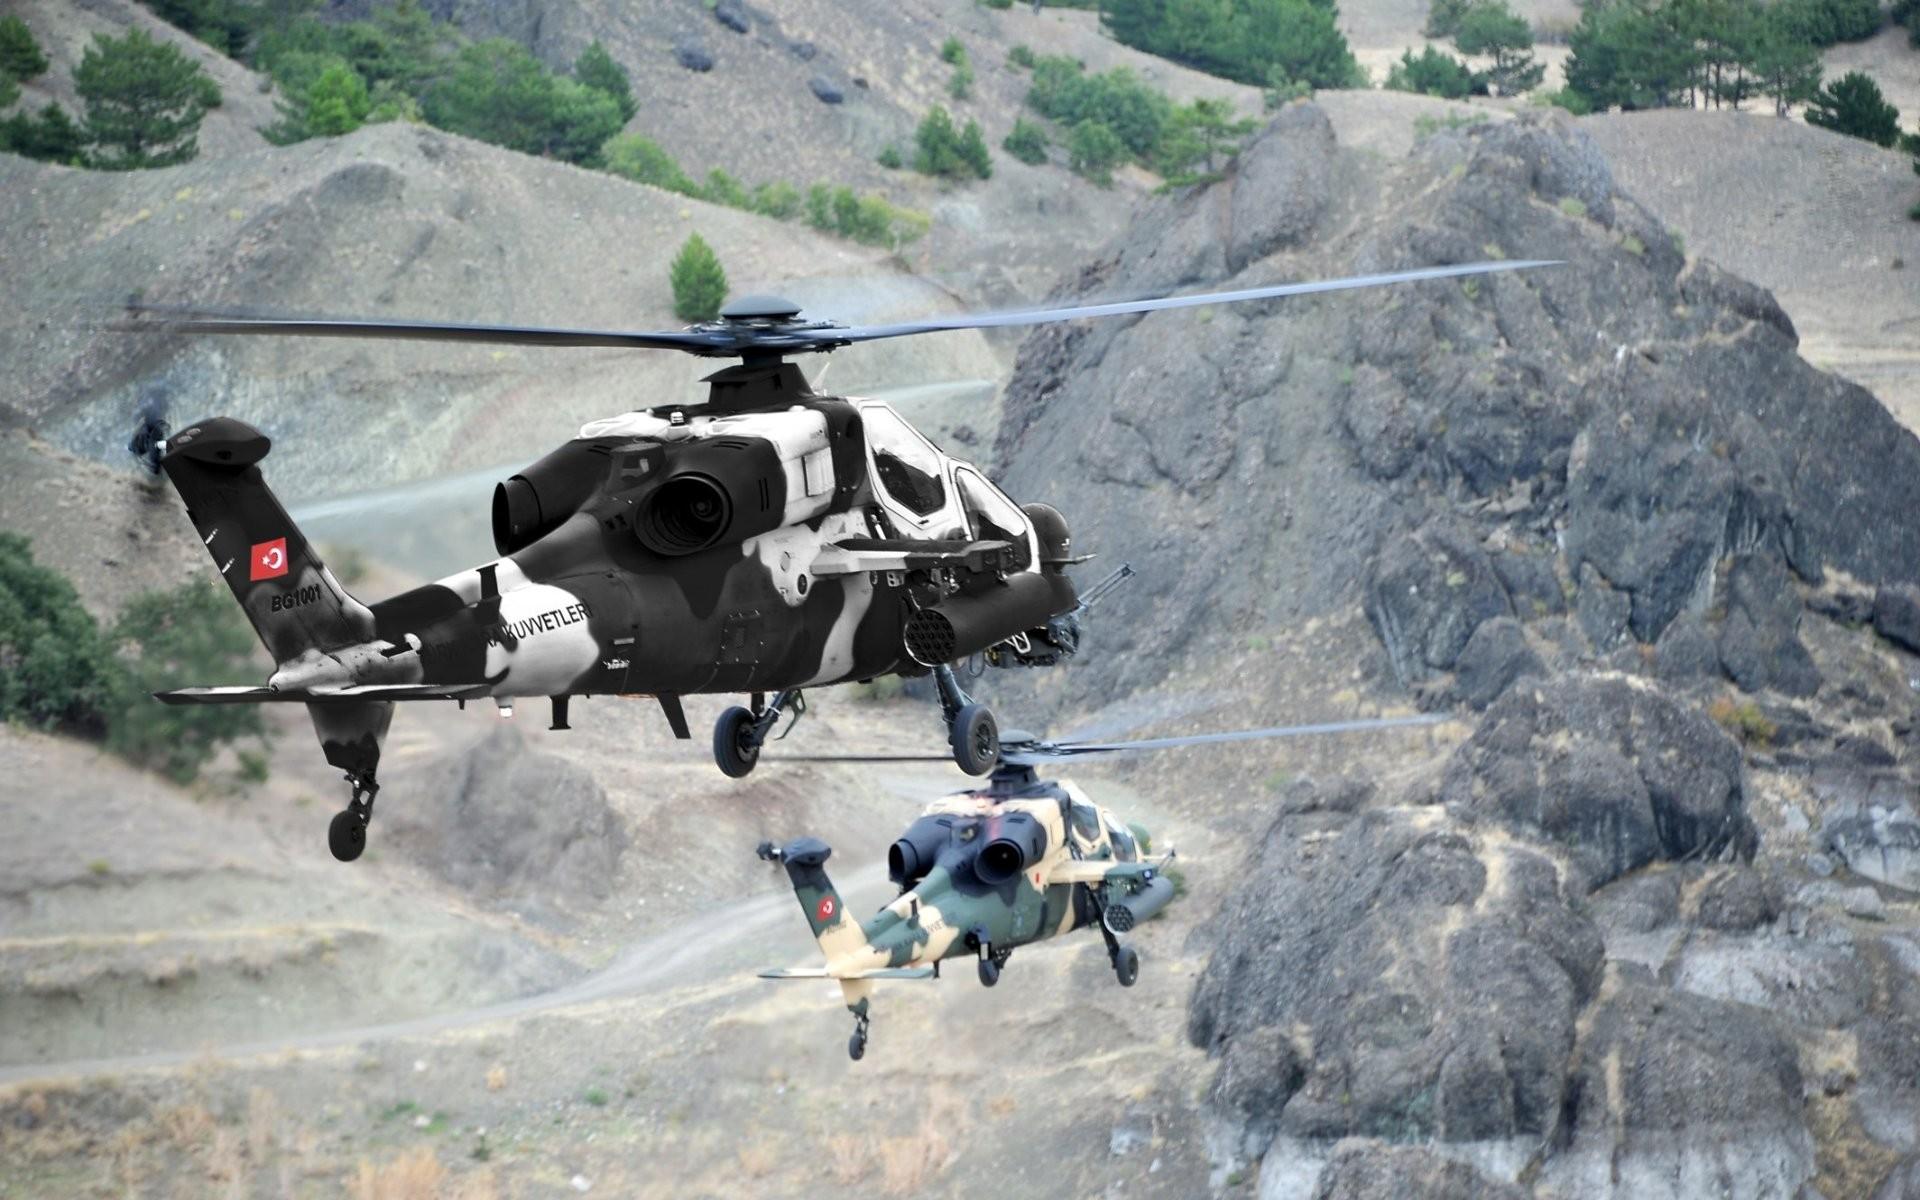 Elicottero T 129 : Sfondi : 1920x1200 px aereo elicotteri militare aerei militari